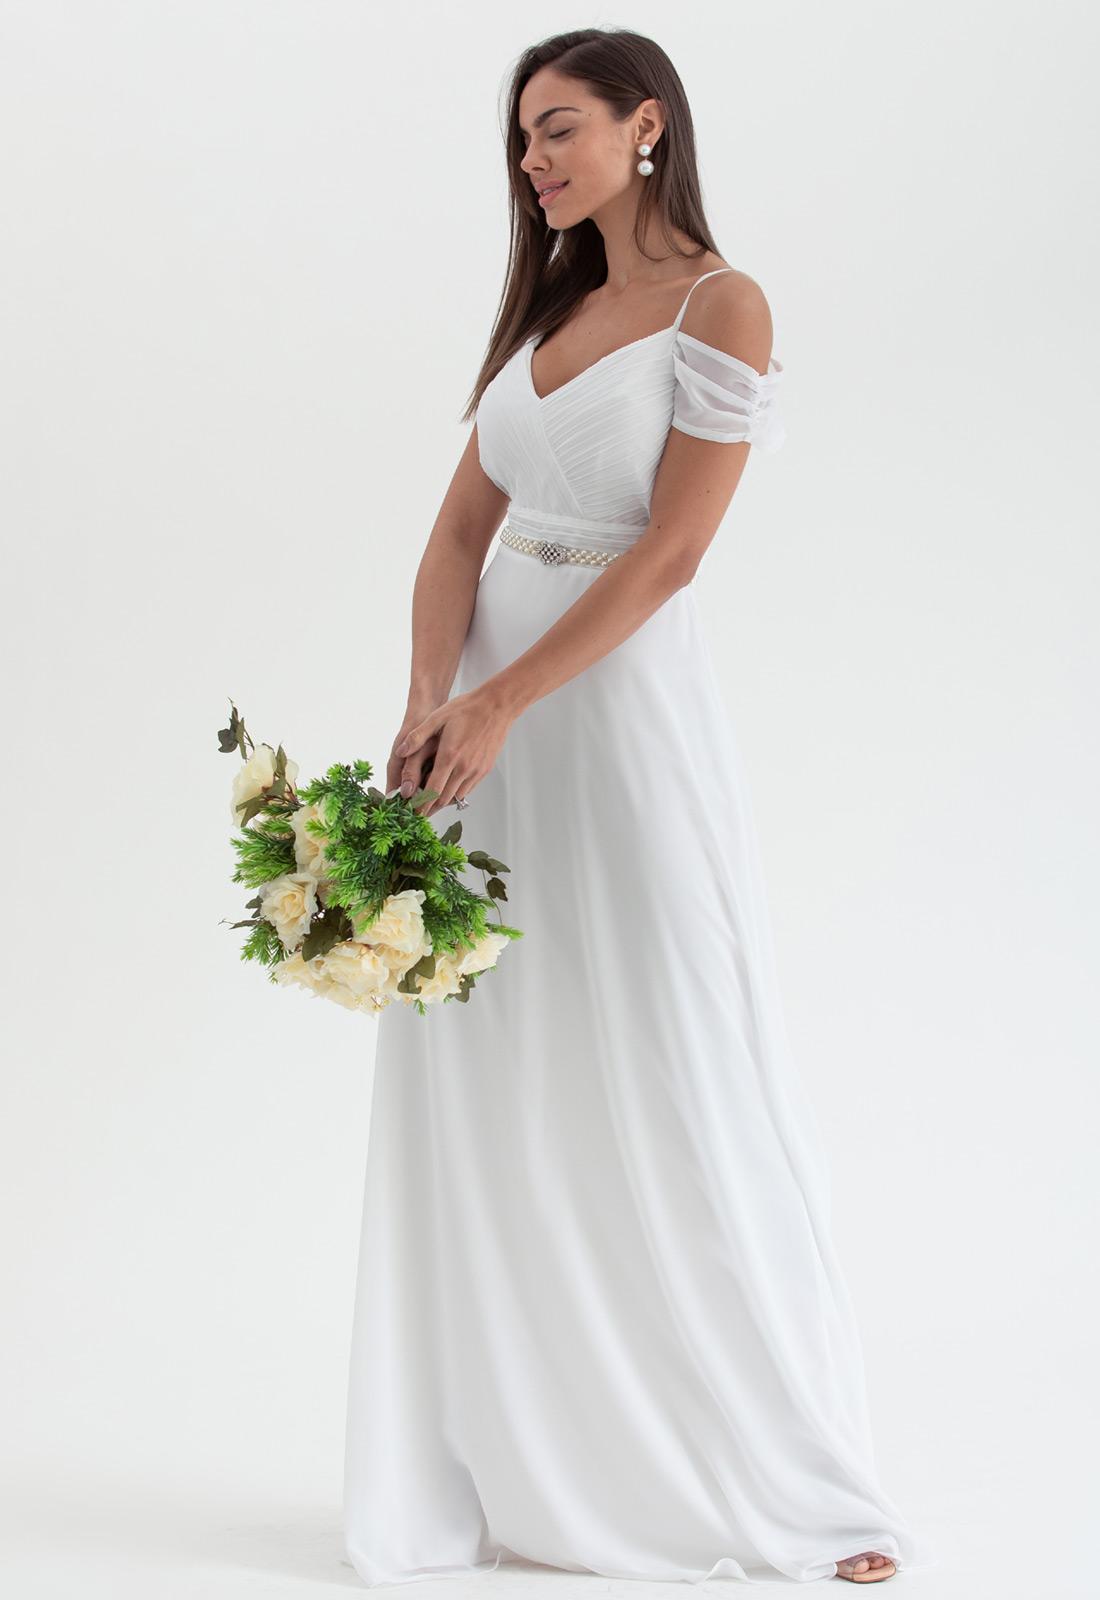 Vestido de festa branco ref. 2474